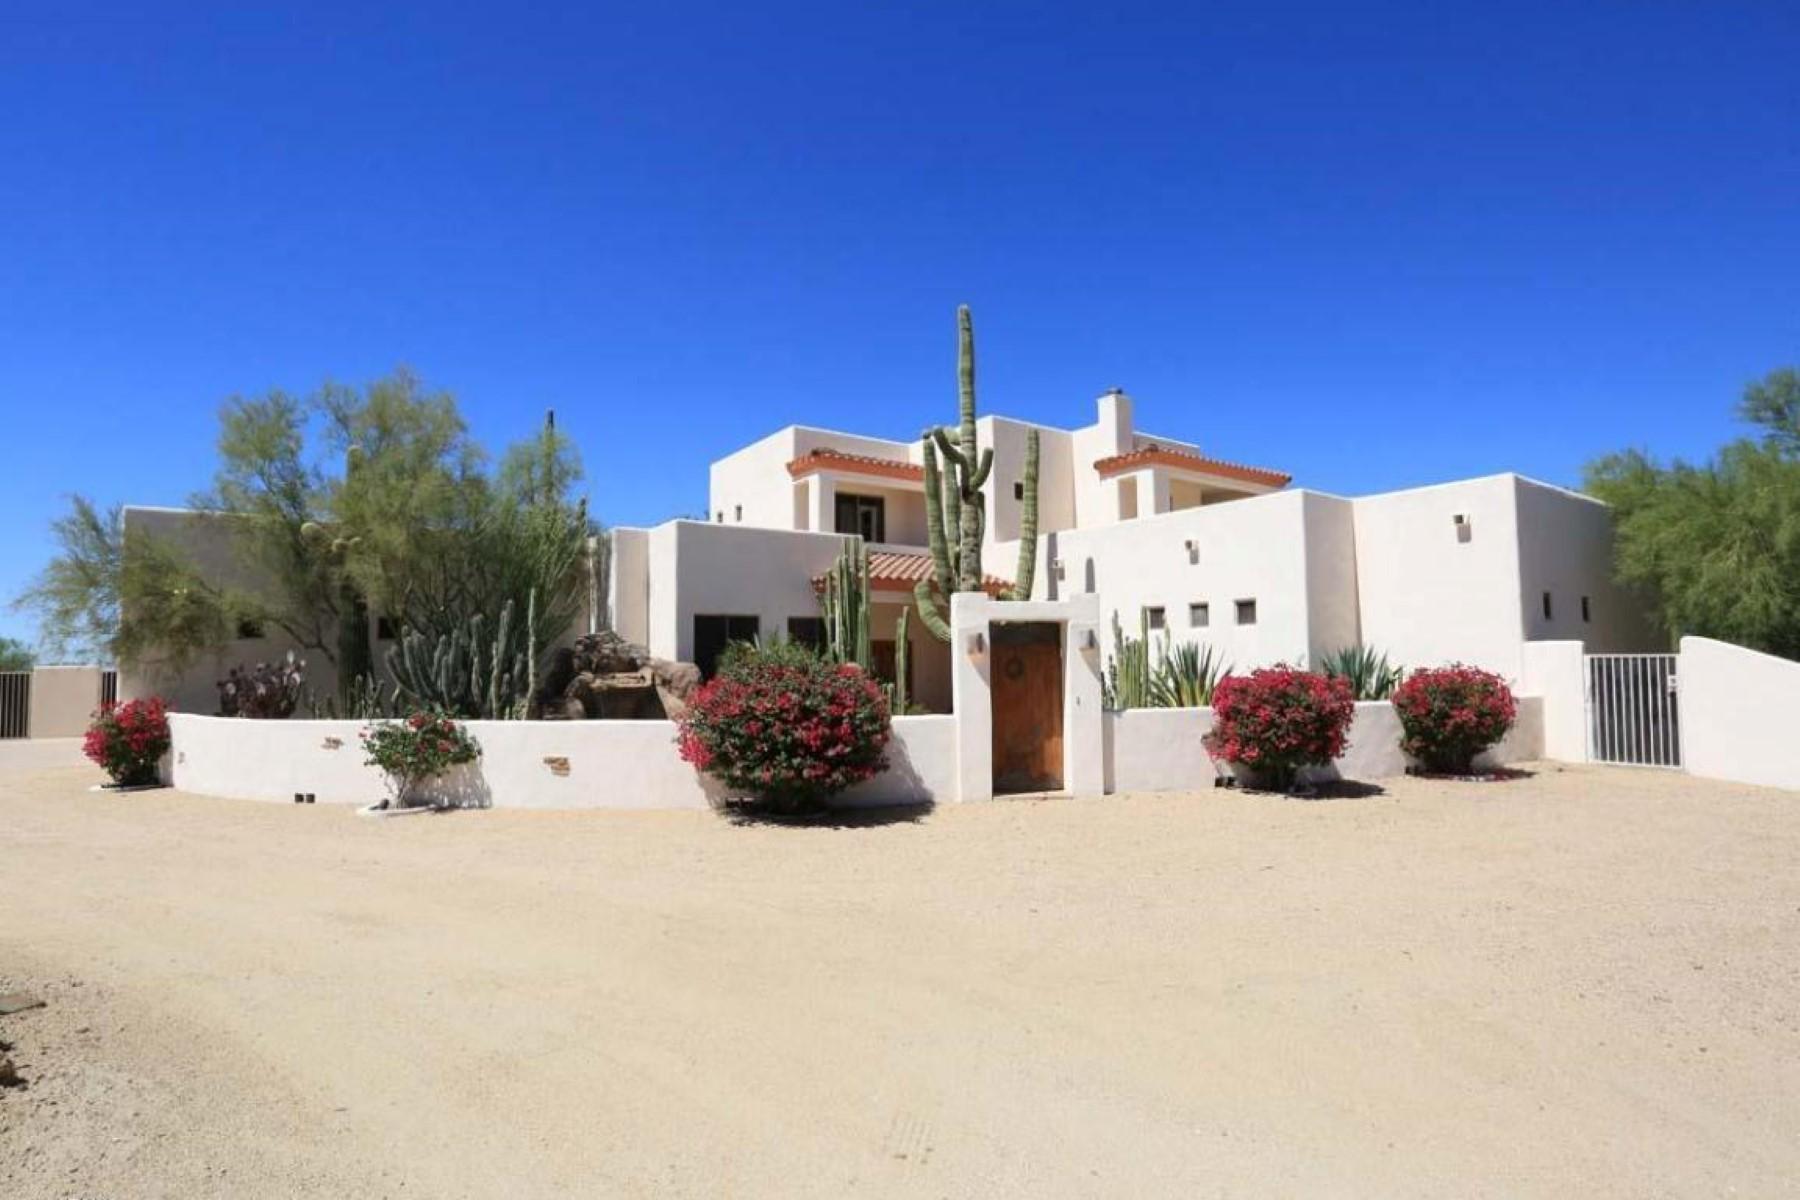 단독 가정 주택 용 매매 에 Custom built home on over an acre of pristine Cave Creek Arizona desert 31114 N 62nd St Cave Creek, 아리조나, 85331 미국